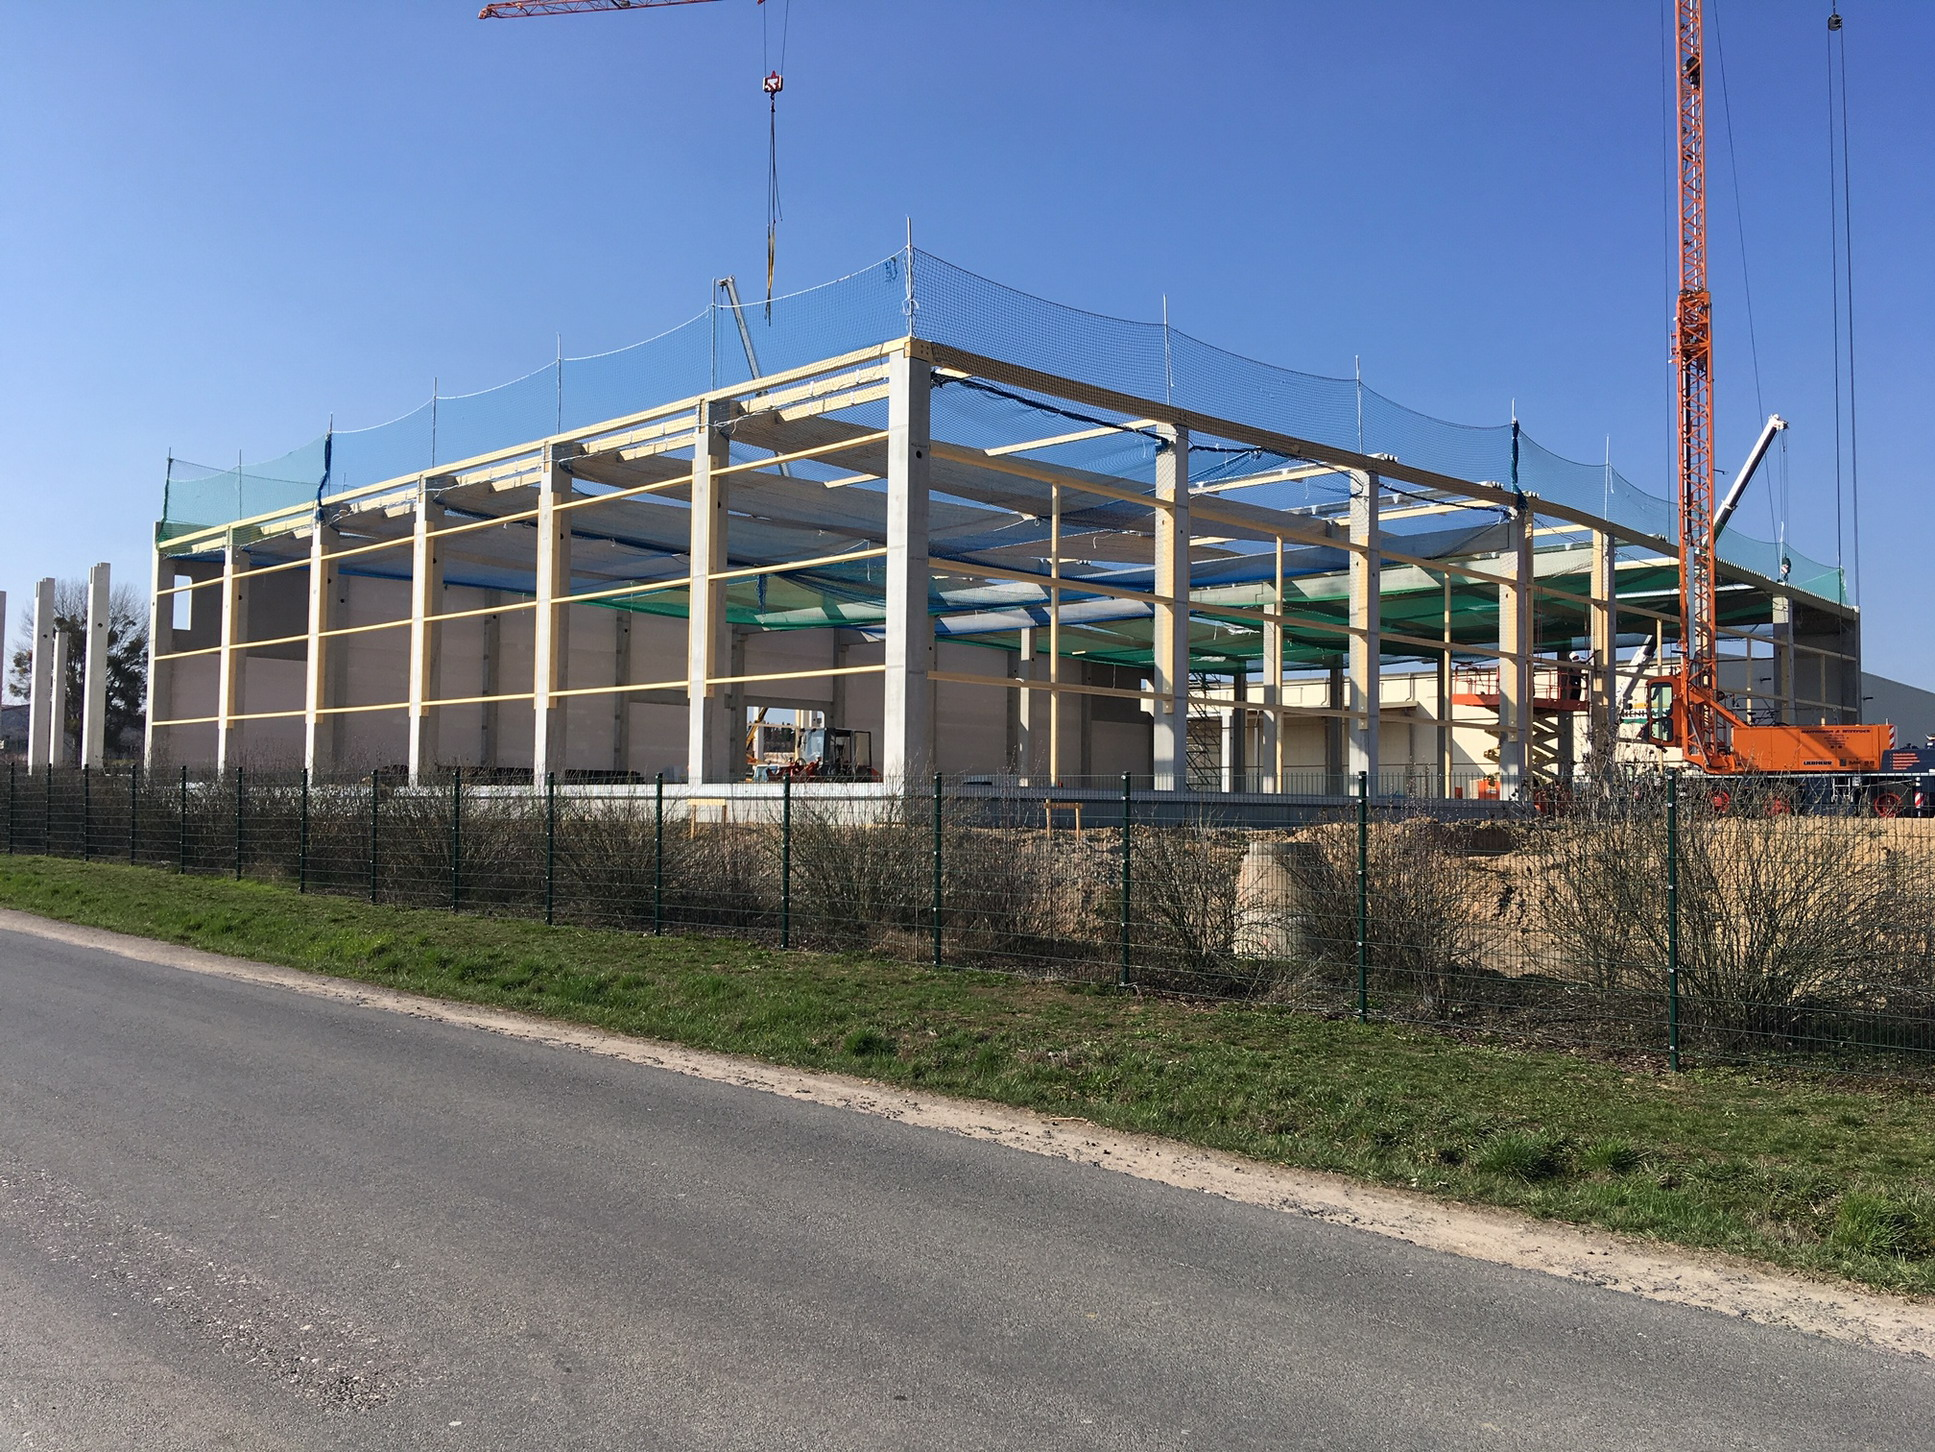 Fischbauchbinder BSH- Dachkonstruktion Lagerhalle Landwirtschaft